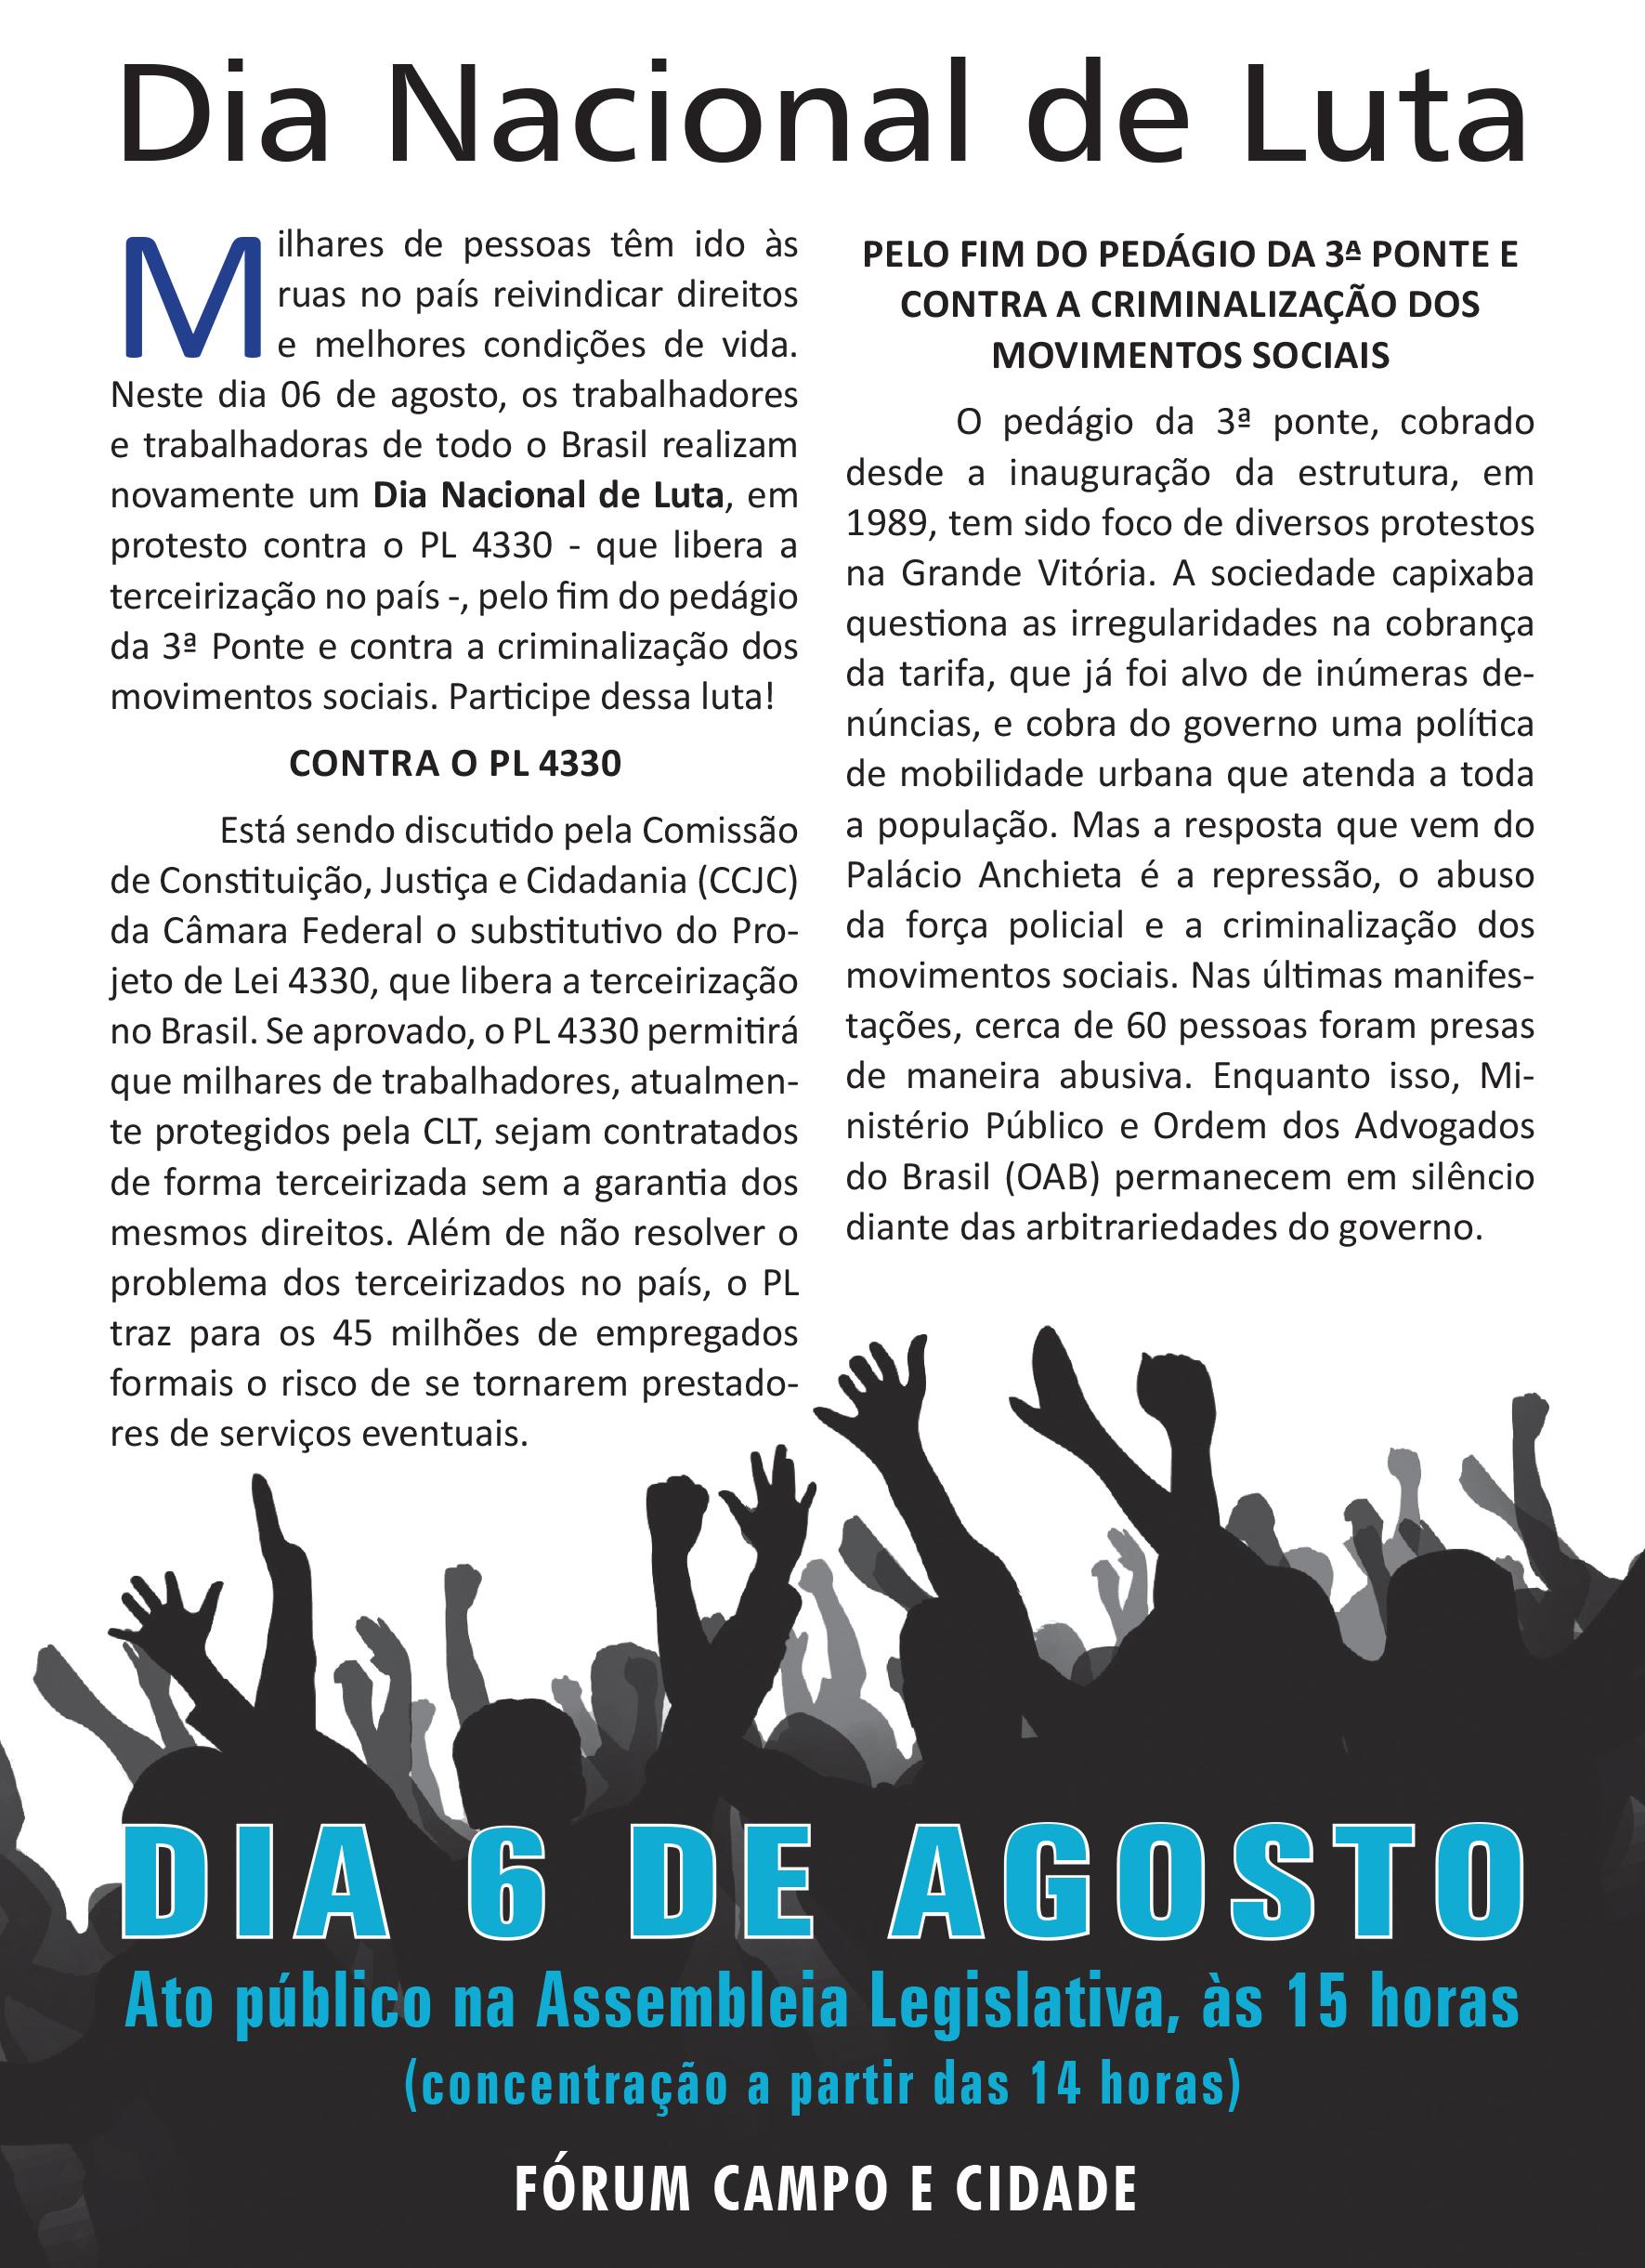 Panfleto Dia Nacional de Luta 06